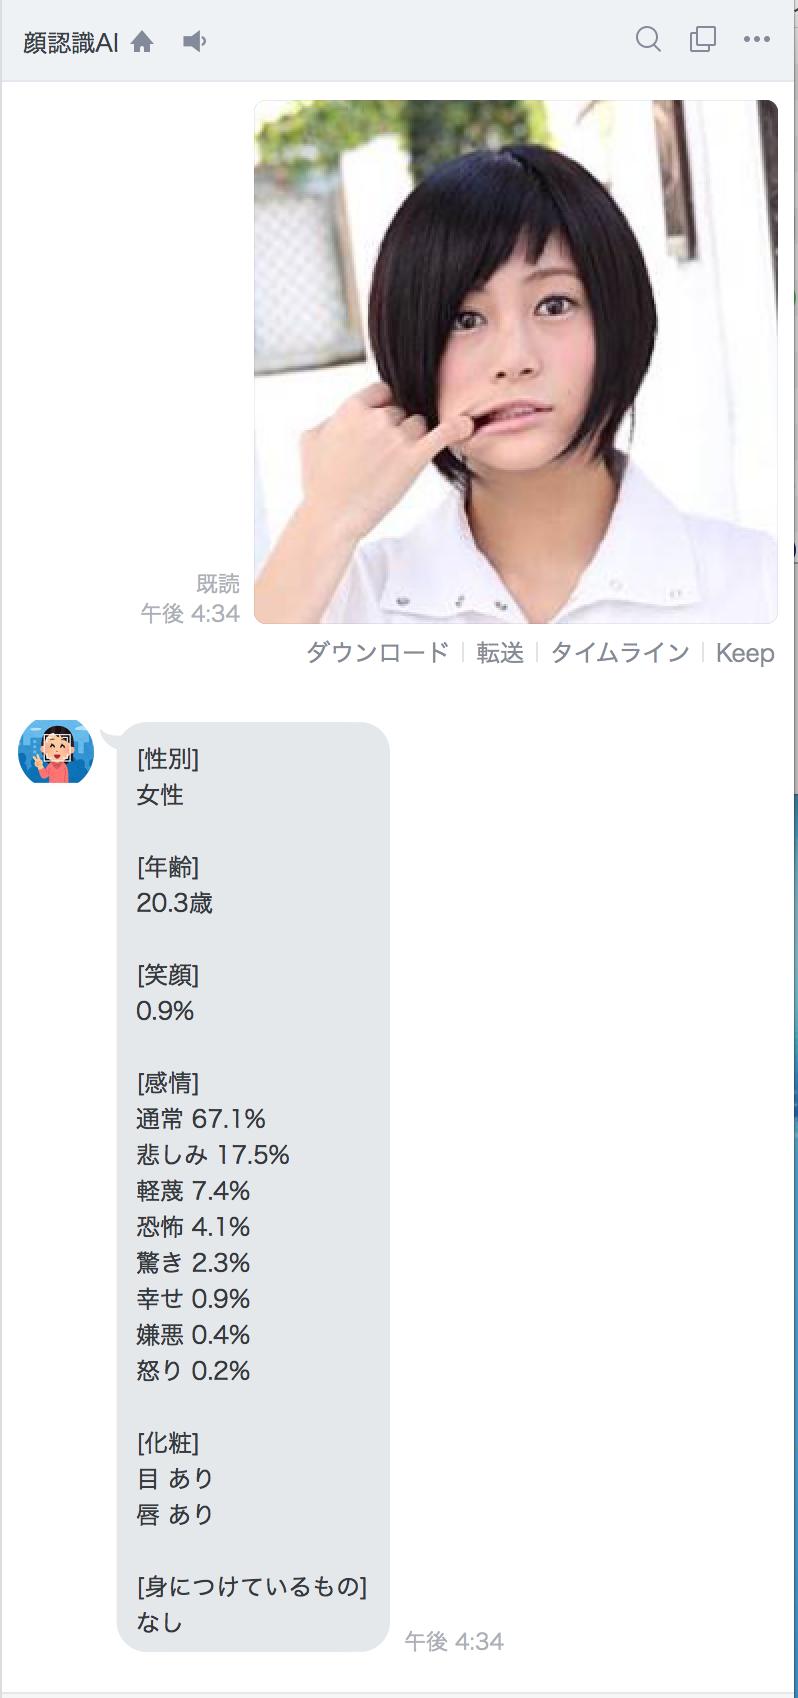 スクリーンショット 2018-05-04 16.35.18.png